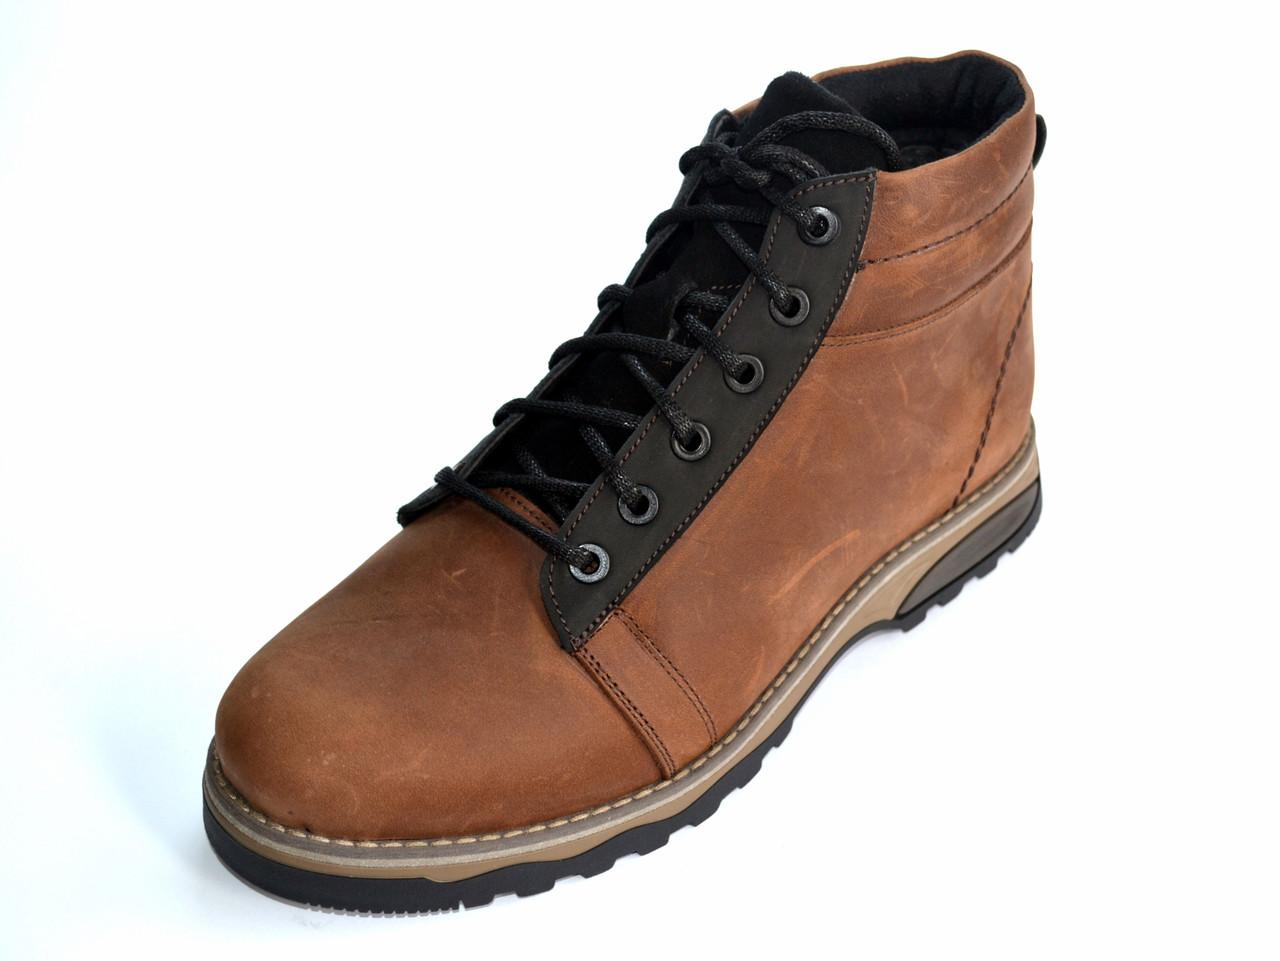 Зимние кроссовки мужские с мехом коричневые Rosso Avangard Bridge SE Trend Brown кожаные